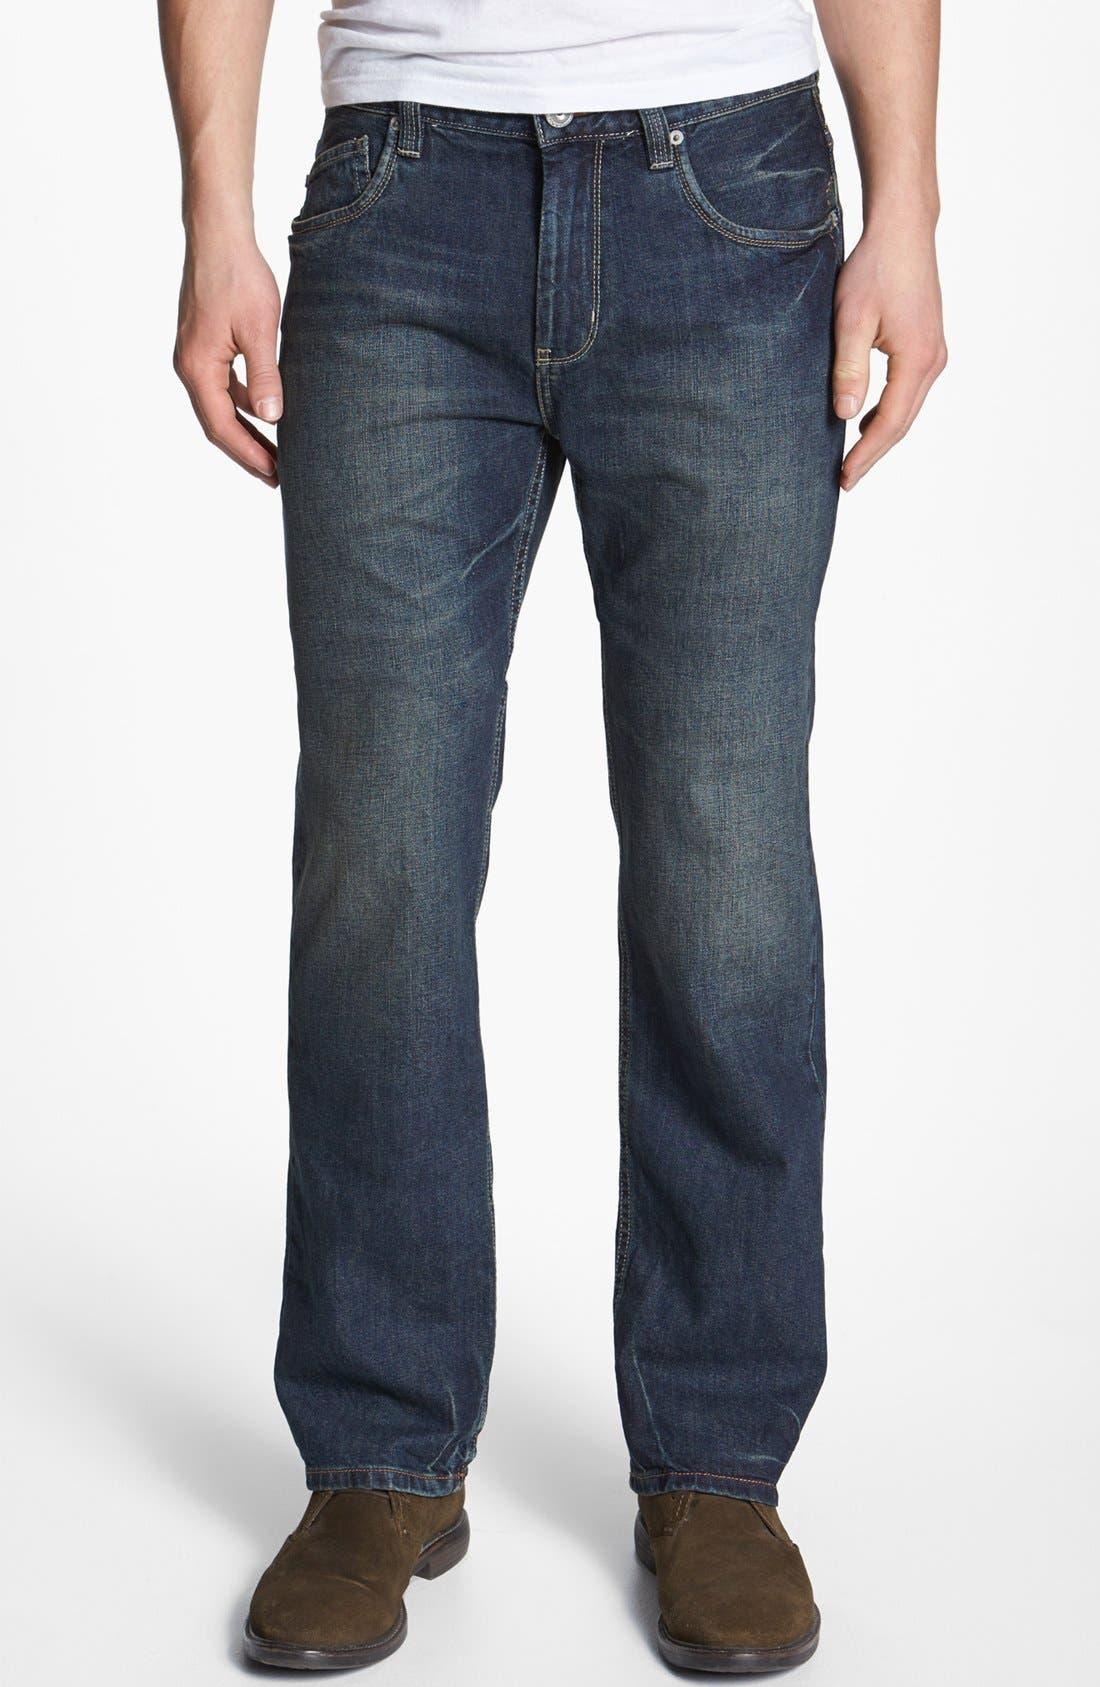 Alternate Image 1 Selected - Tommy Bahama Denim 'Steve Standard Fit' Jeans (Vintage)